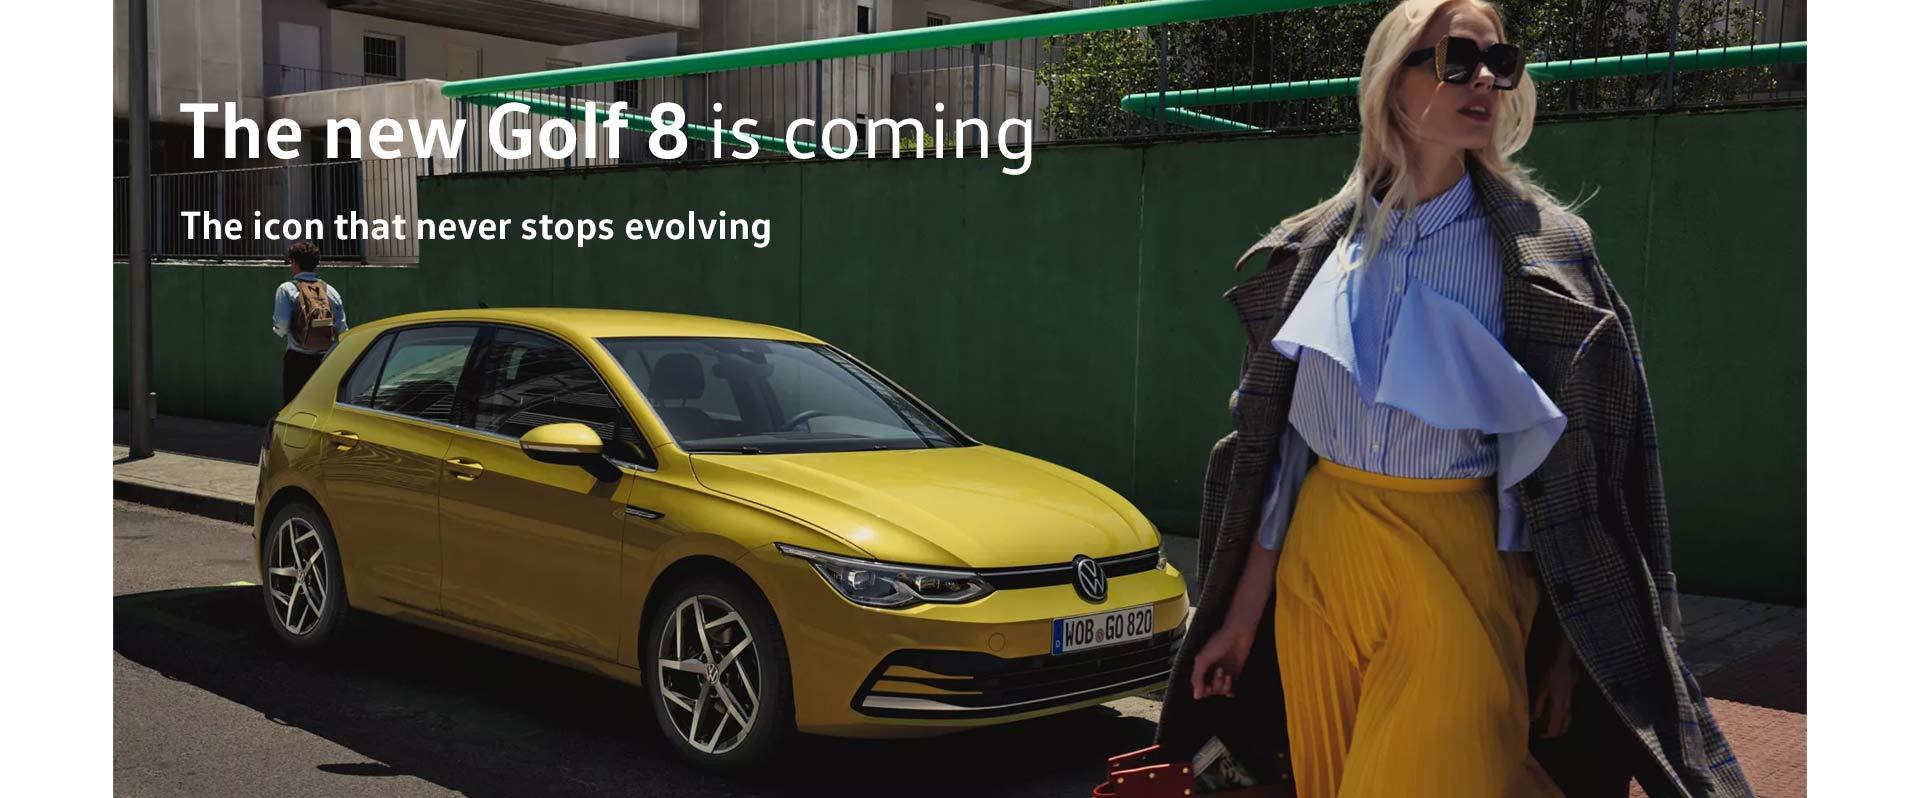 Volkswagen - Golf 8